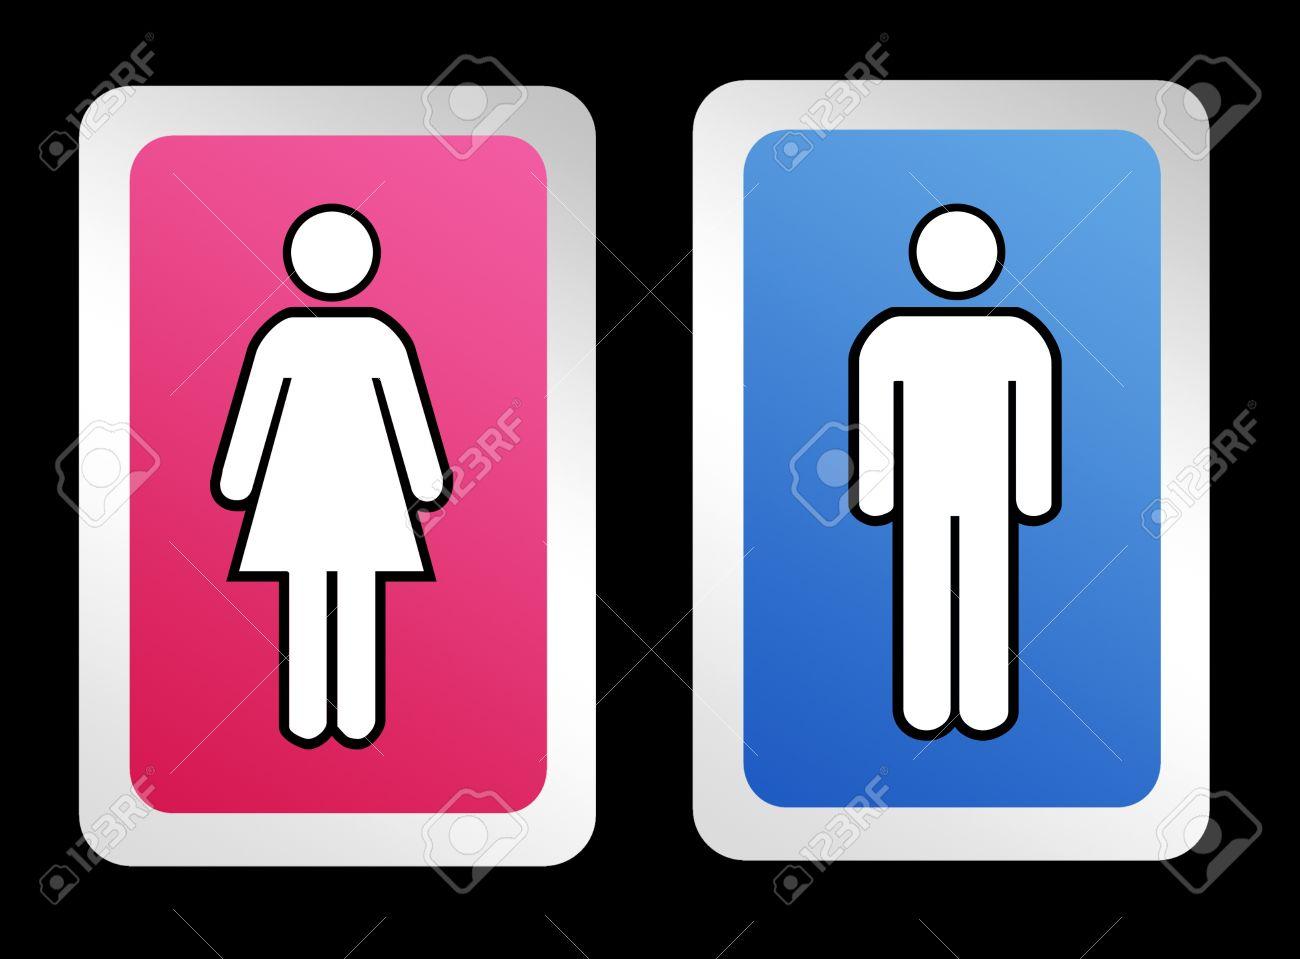 Signos De Baño Para Hombres Y Mujeres Sobre Fondo Negro Fotos